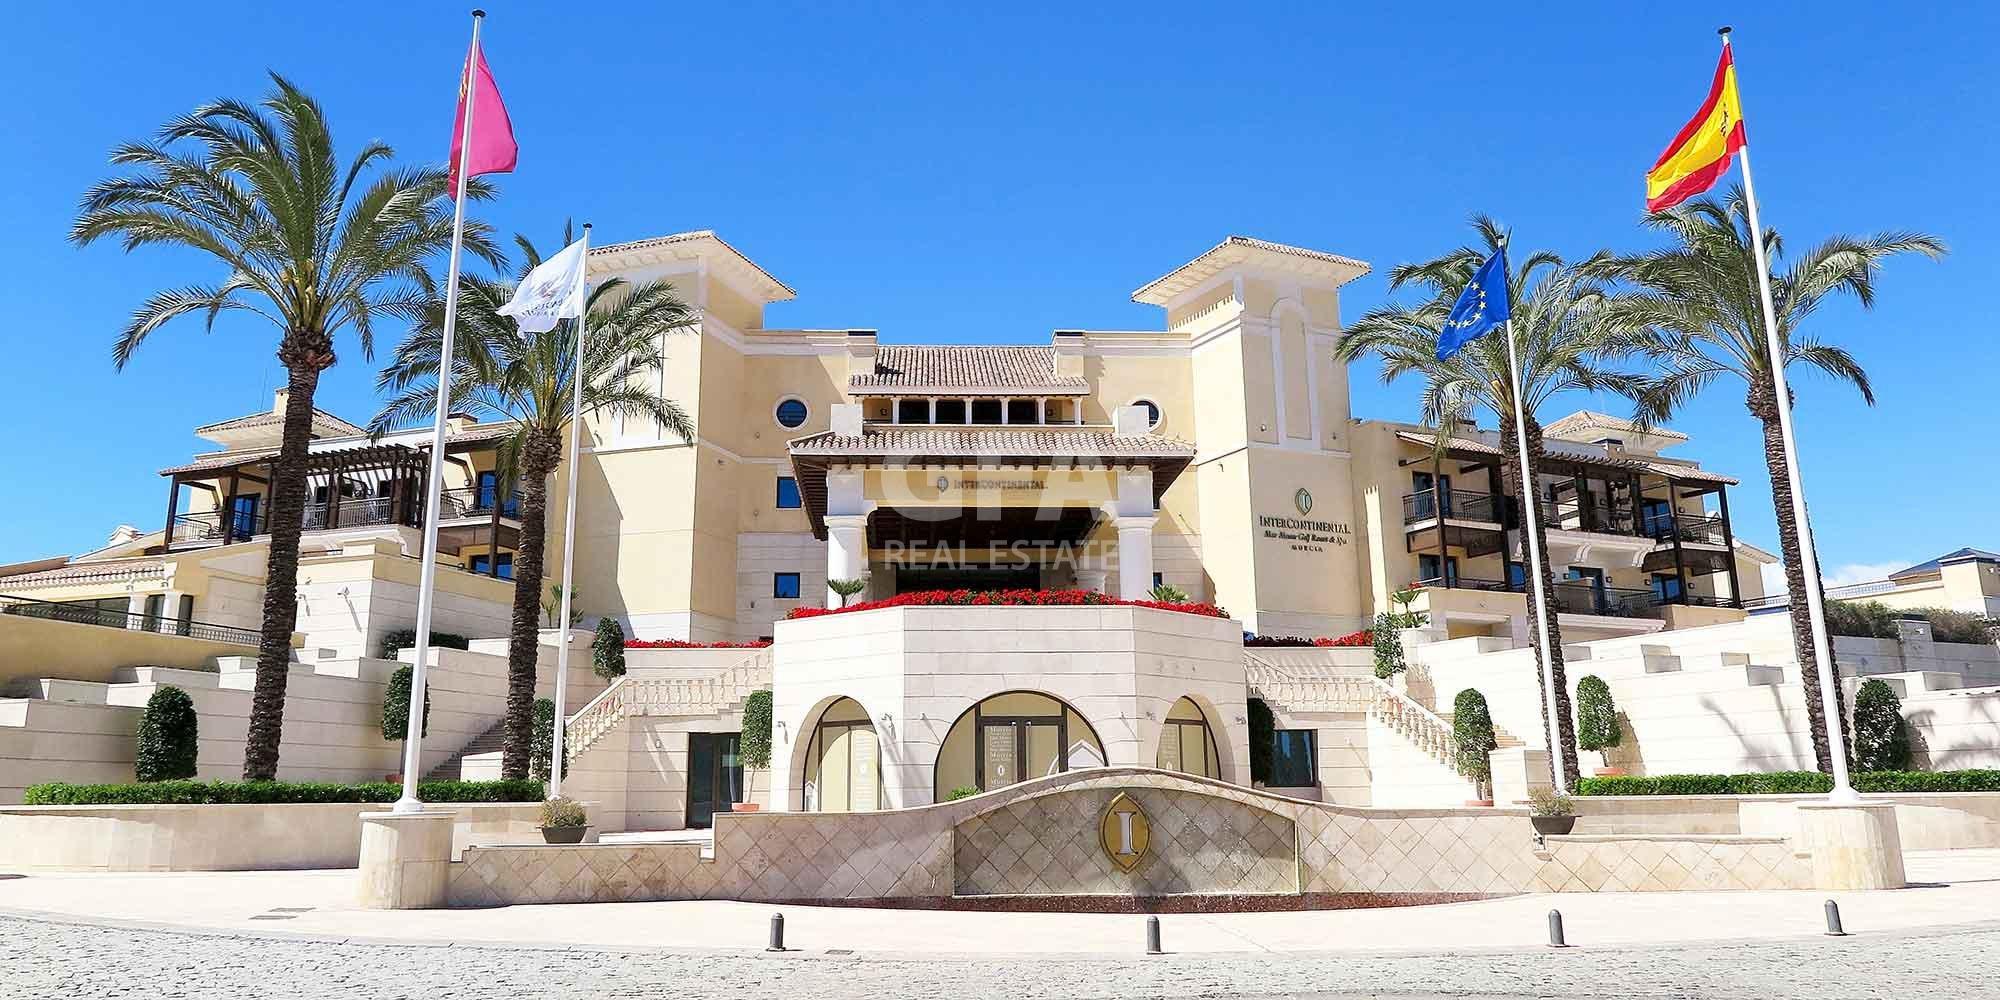 Residencial obra nueva Mar Menor Golf Resort entrada principal